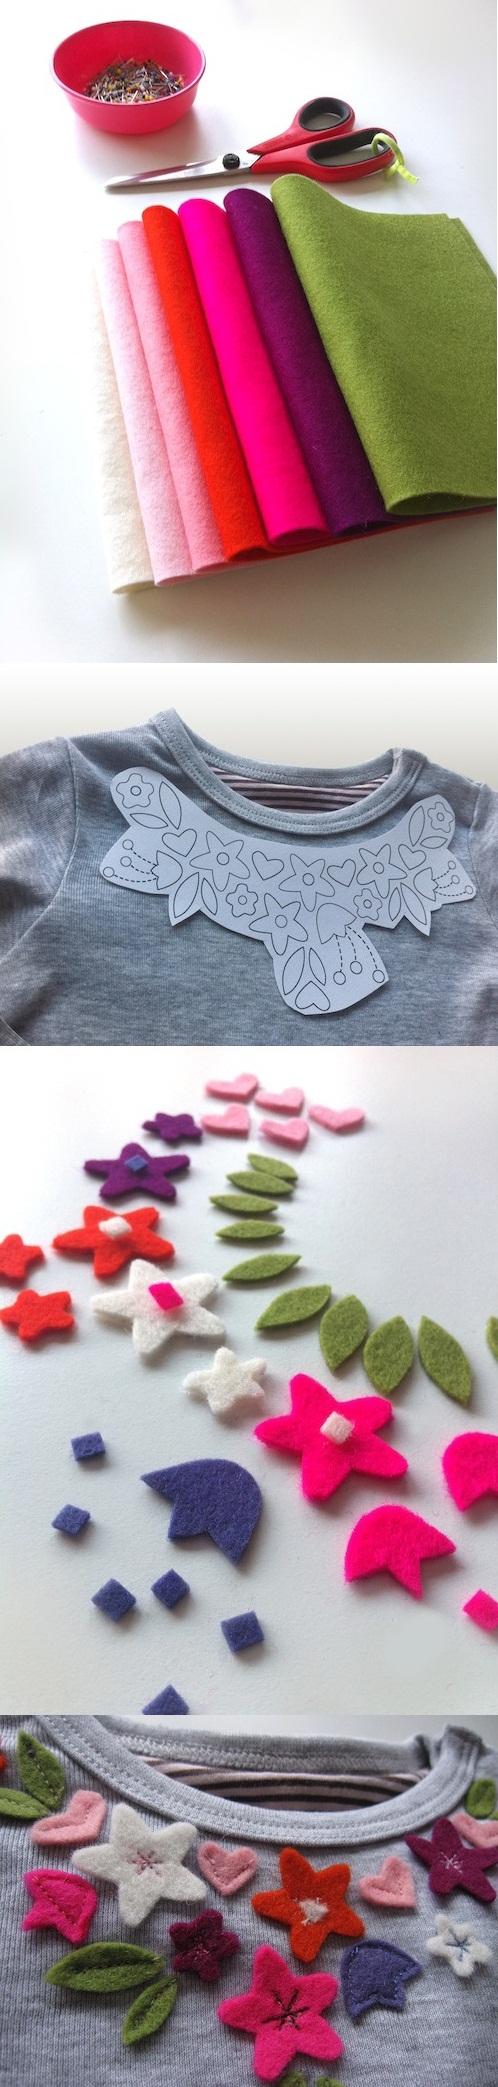 تزئین بلوز با گل های نمدی,تزئین بلوز,گل های نمدی,تزیین لباس, گل فوتر ,گل نمدی ,هنر دستی- خلاقیت با فوتر - ترئین لباس با فوتر - تزئین لباس با پارچه نمدی